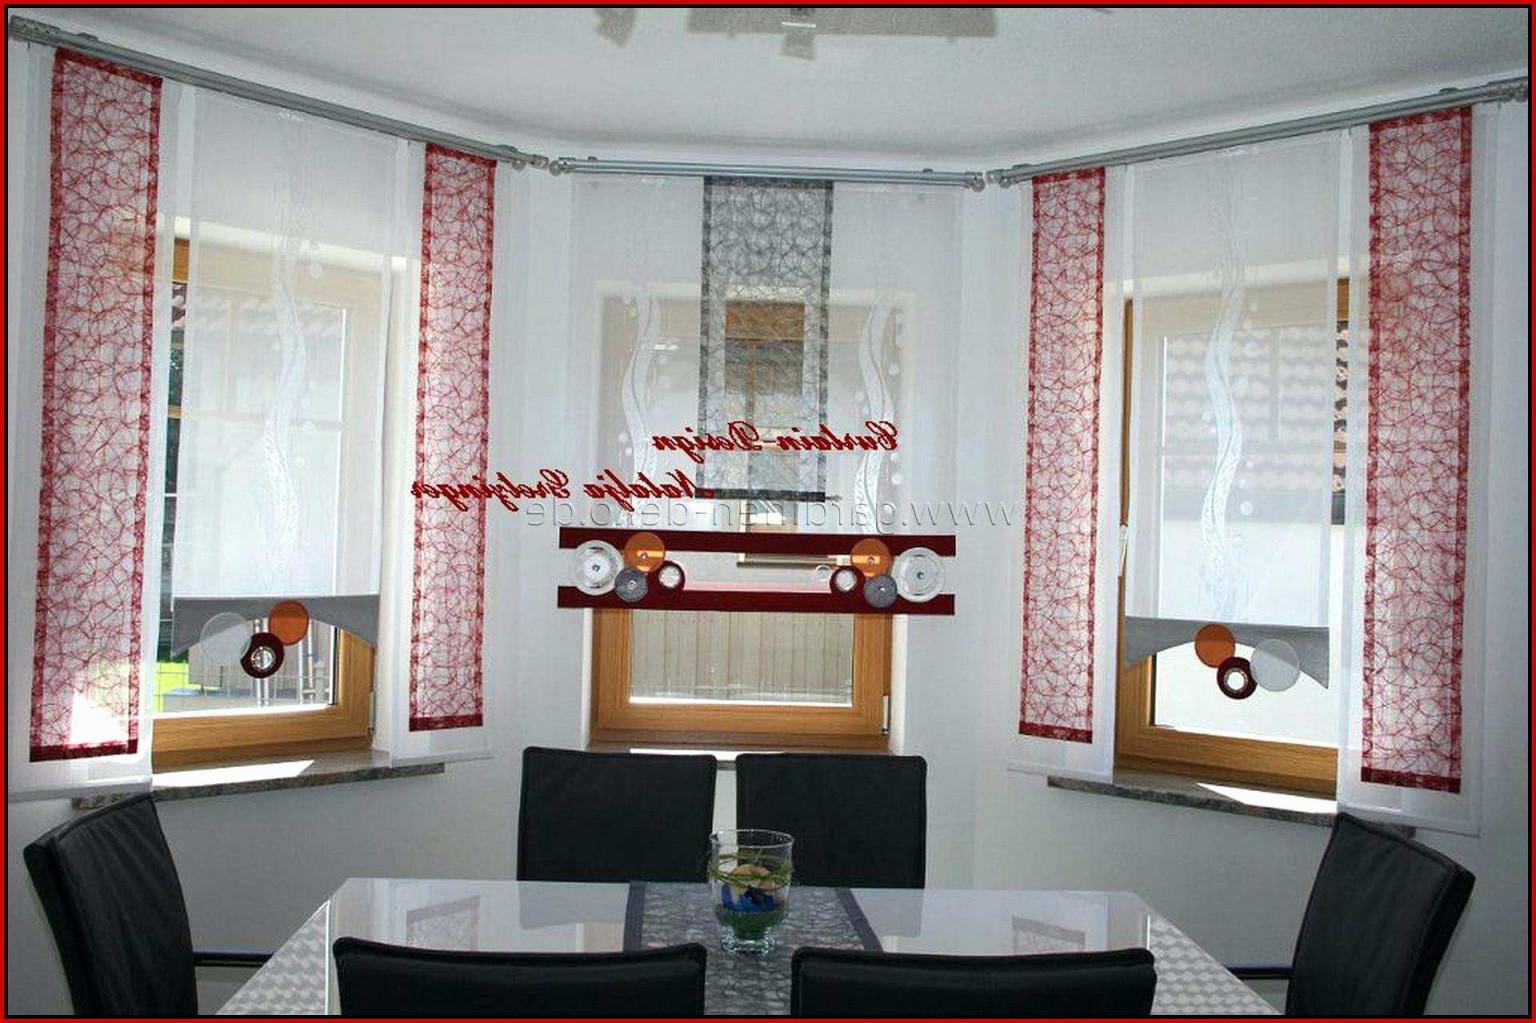 Fensterdeko Gardinen Ideen Kuche – Caseconrad von Gardinen Wohnzimmer Kleine Fenster Bild